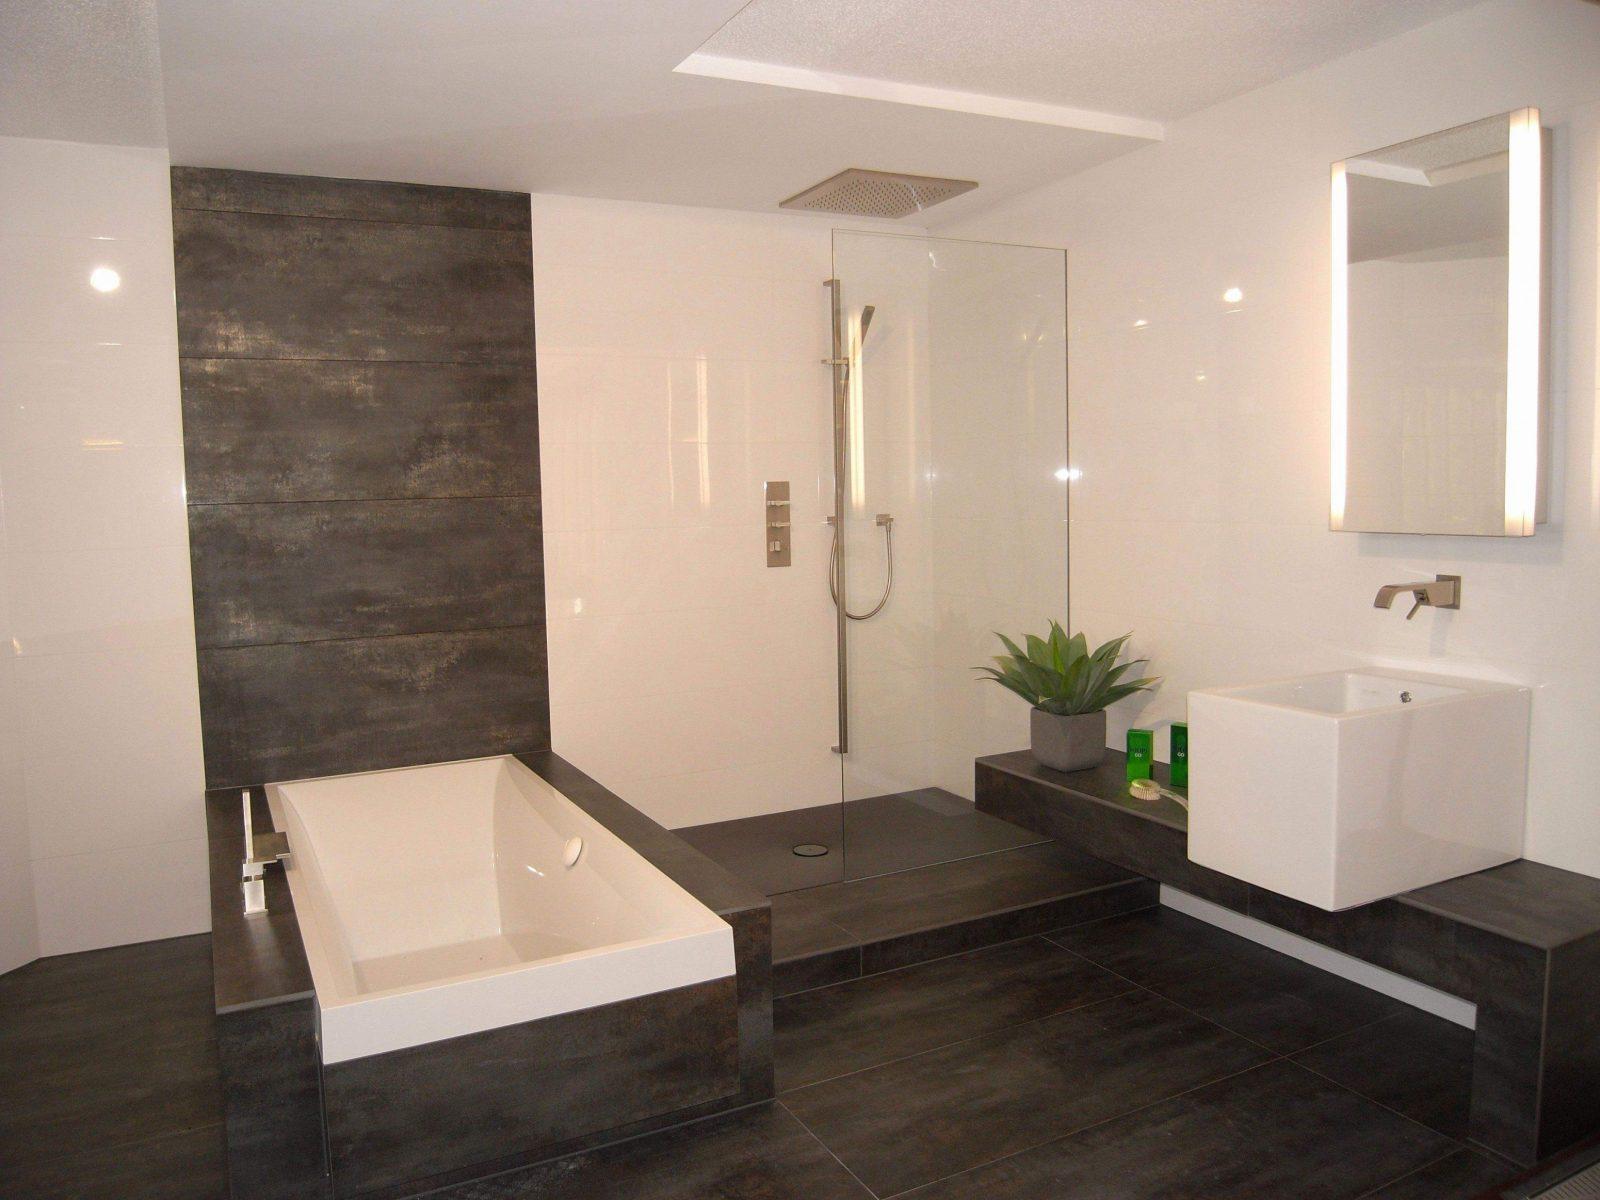 Luxus Badezimmer Ohne Fenster  Haus Dekoration von Bad Ohne Fenster Gestalten Bild